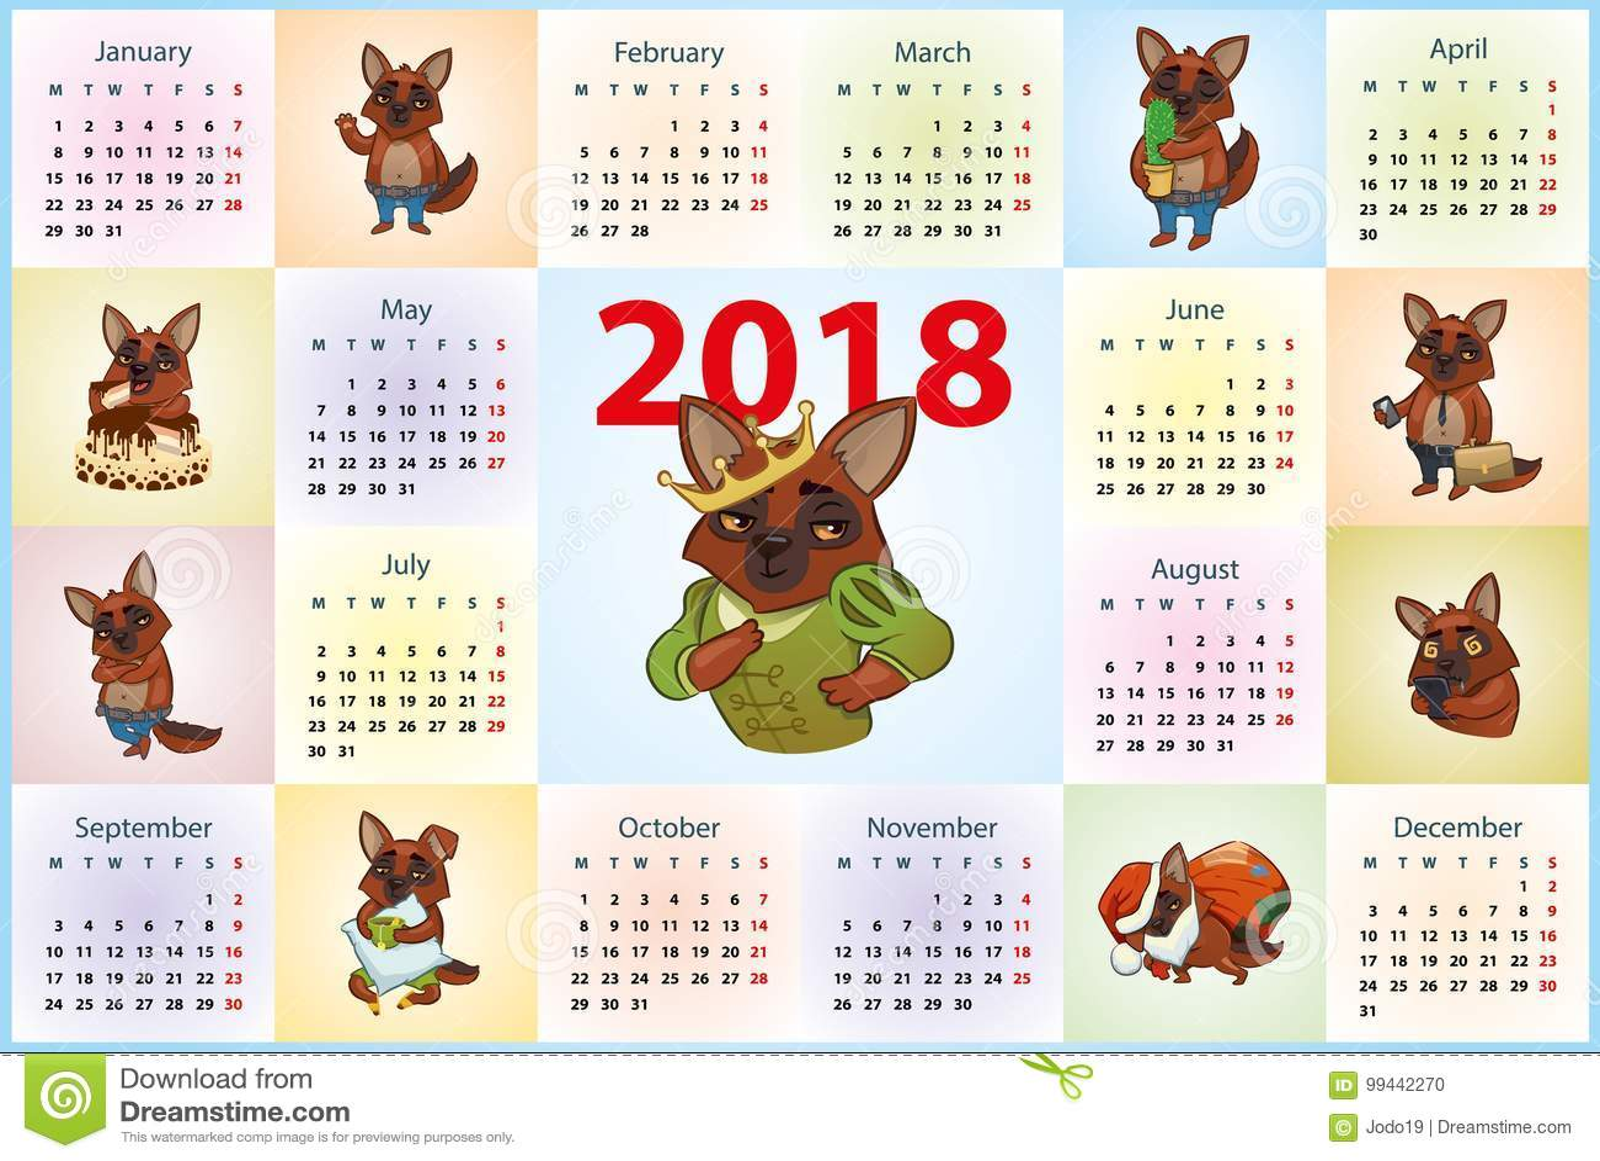 navidad 2018 calendario Calendario 2018 Perros En Diversos Modos Ilustración del Vector  navidad 2018 calendario